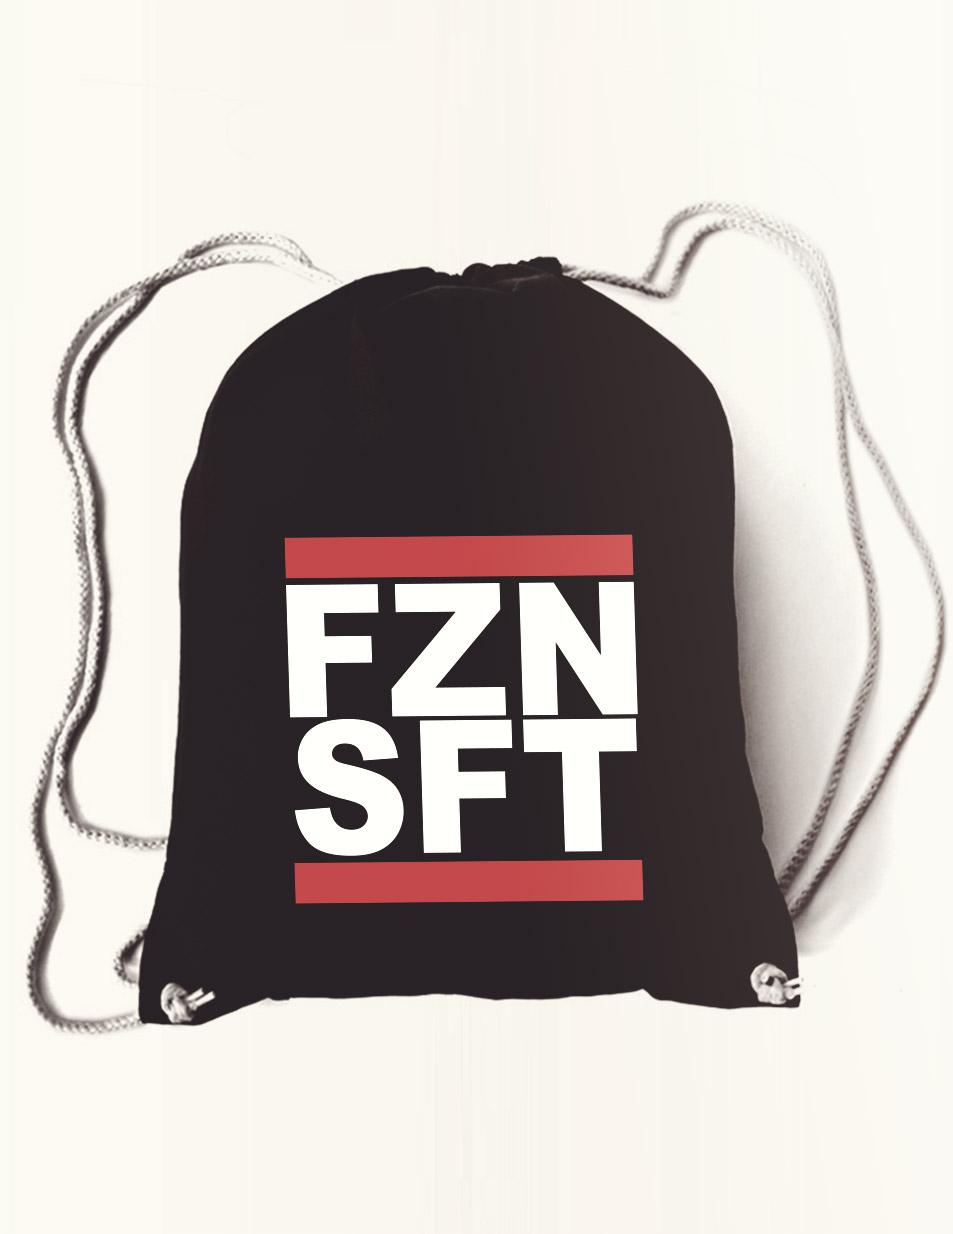 FZNSFT Rucksack mehrfarbig auf schwarz